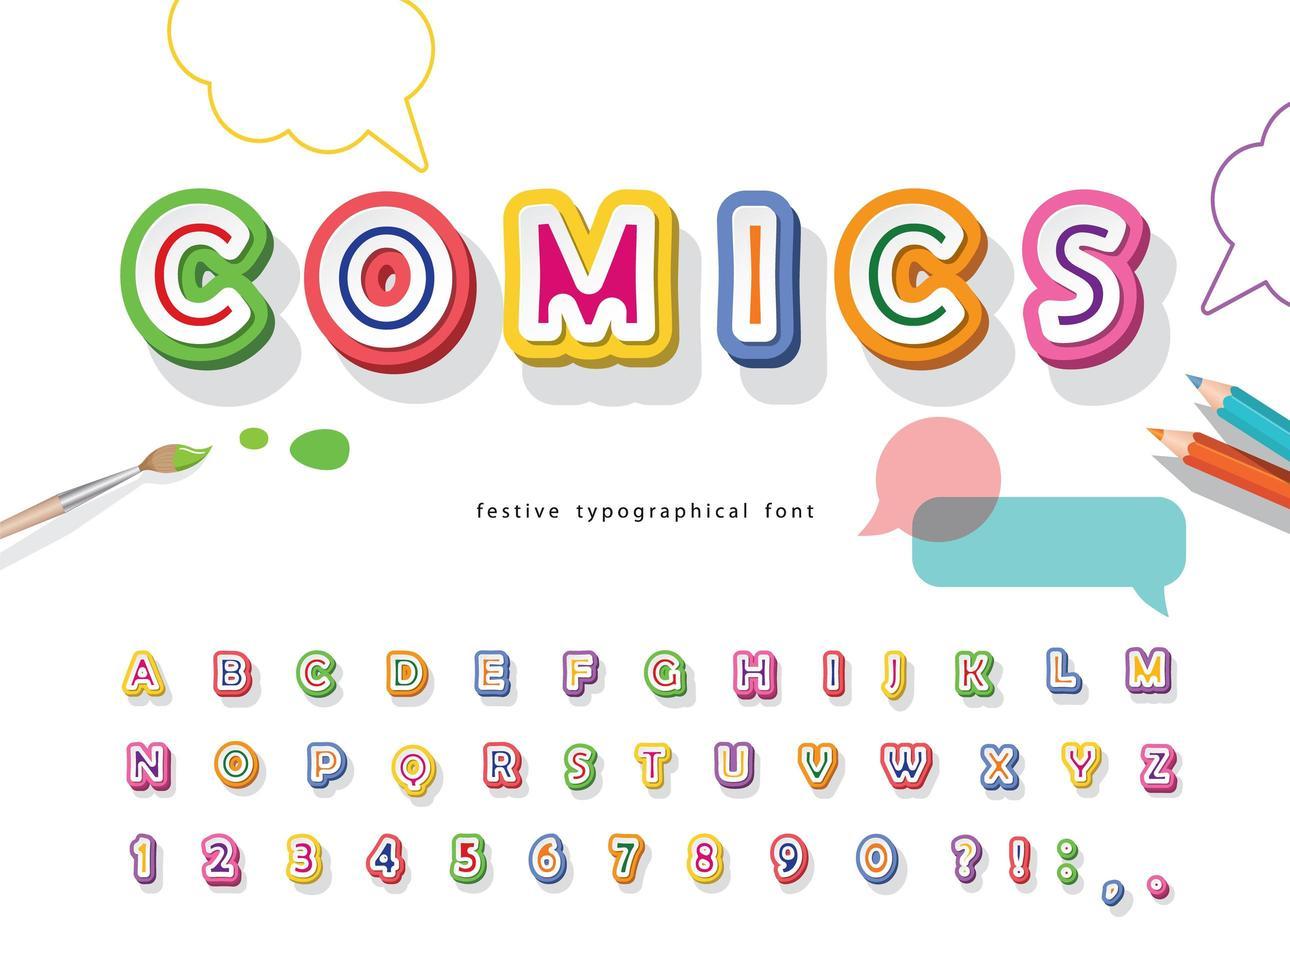 Fuente de comics 3d. Papel de dibujos animados recorta números y letras ABC. vector